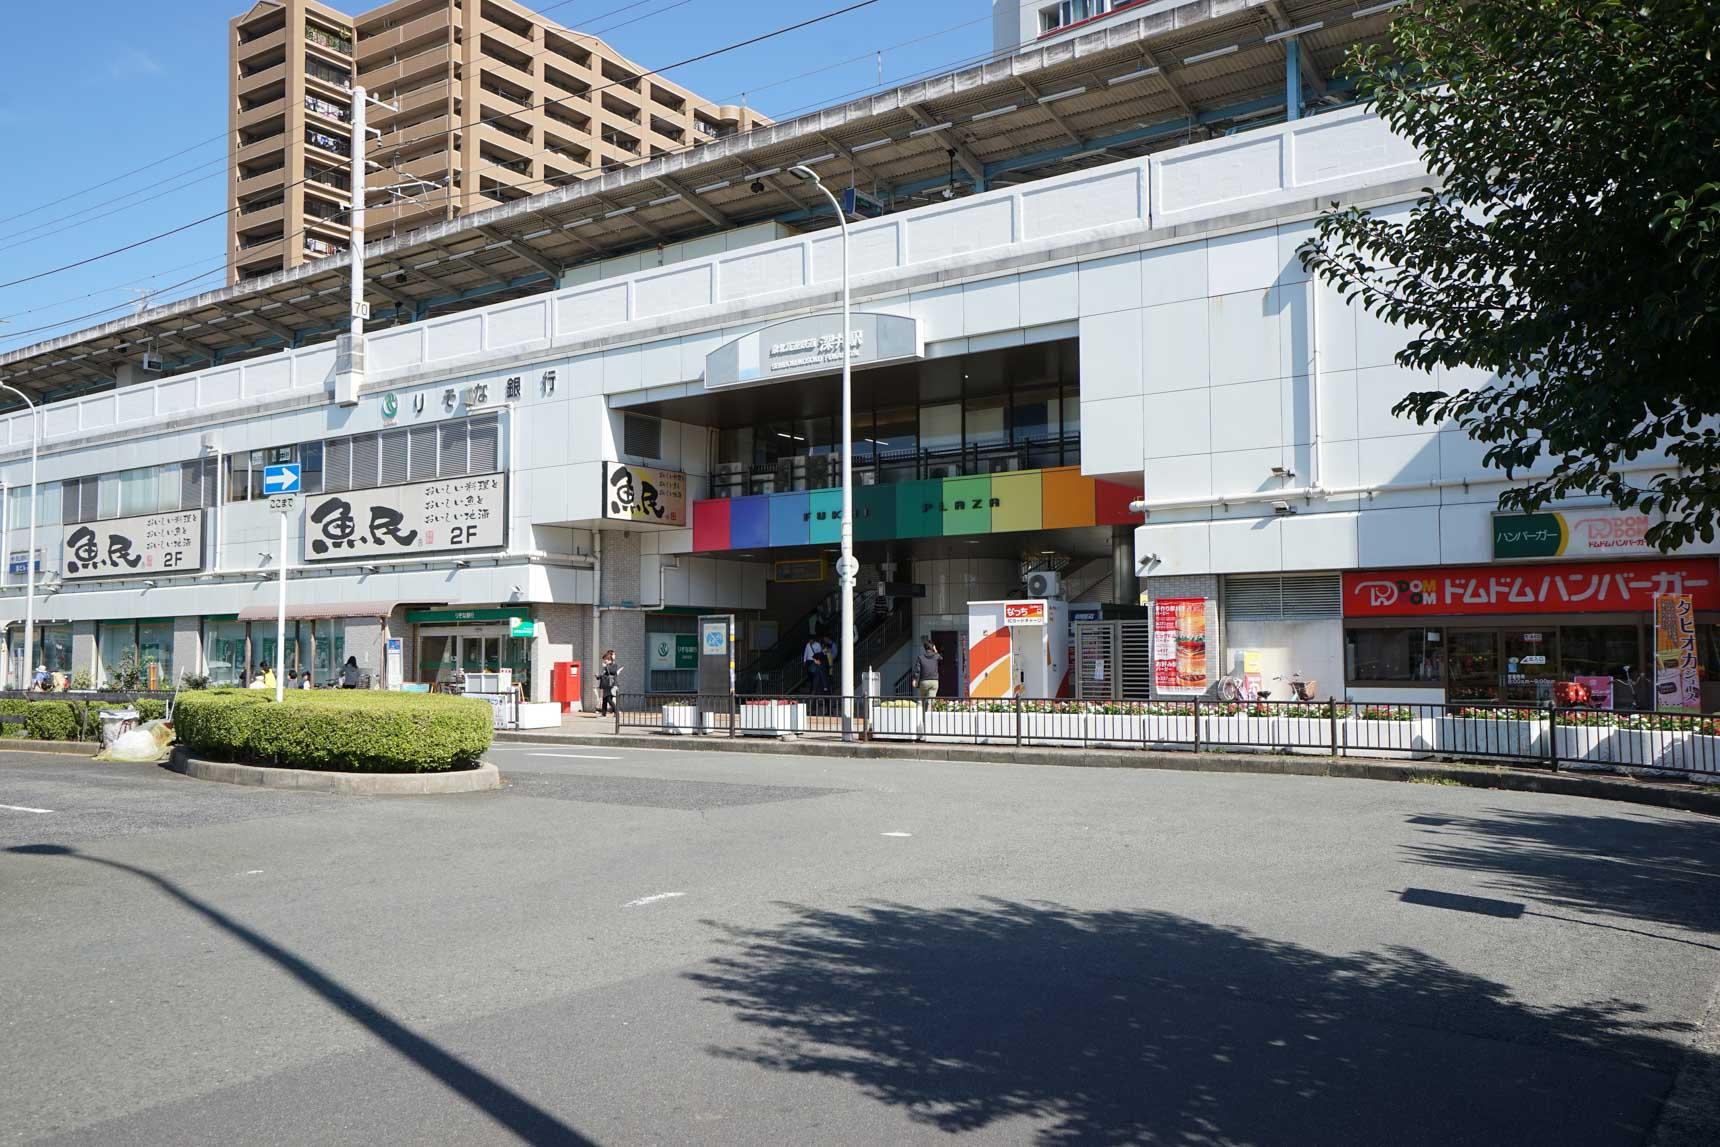 郊外の駅といえども駅ビルはなかなか充実。飲食店が多数入居していて、駅前ロータリーには大きなスーパーもあります。